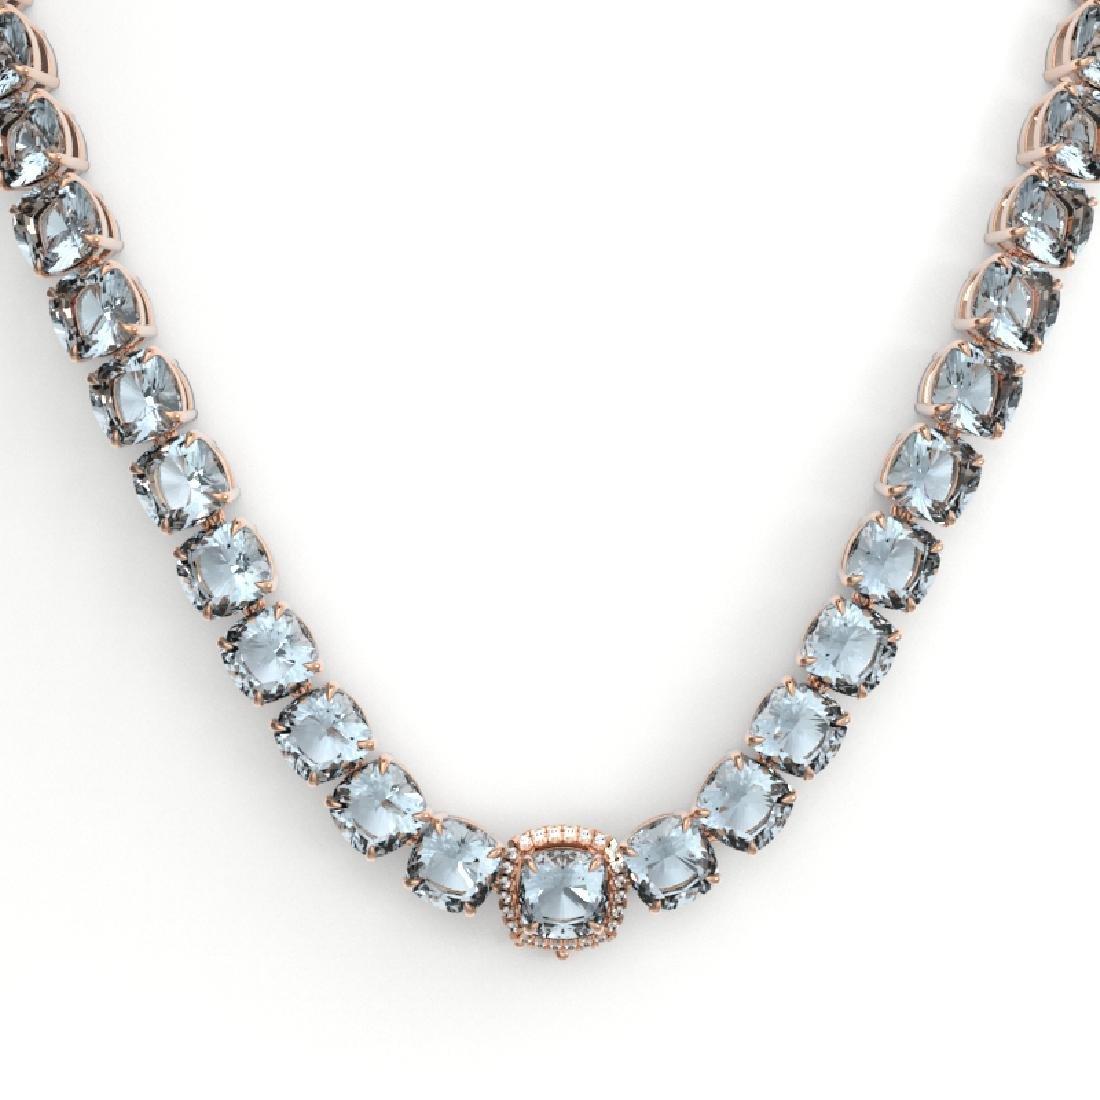 87 CTW Aquamarine & VS/SI Diamond Necklace 14K Rose - 2